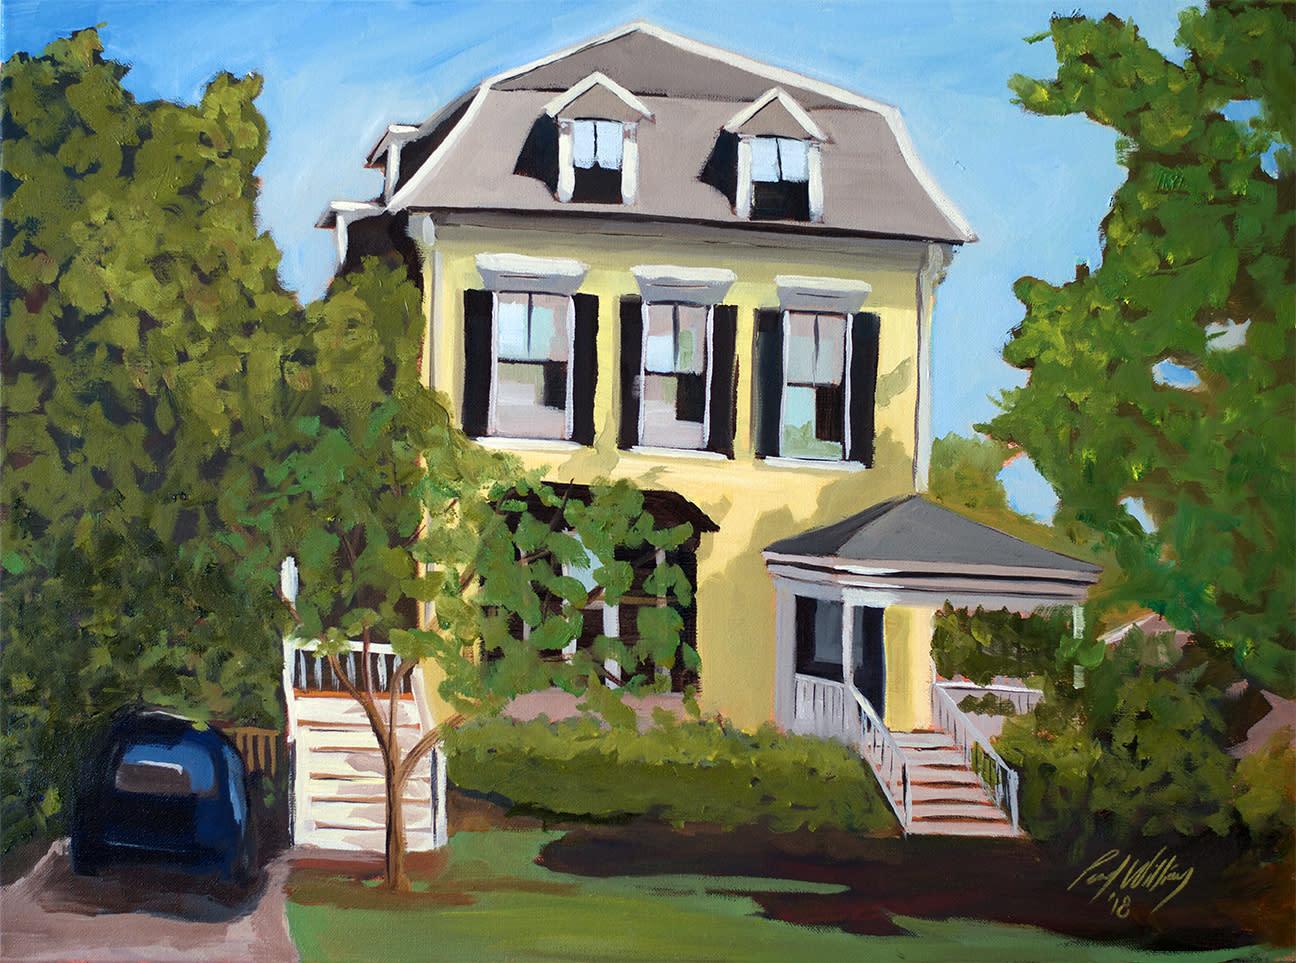 Savin hill victorian by paul william artist ukucdz